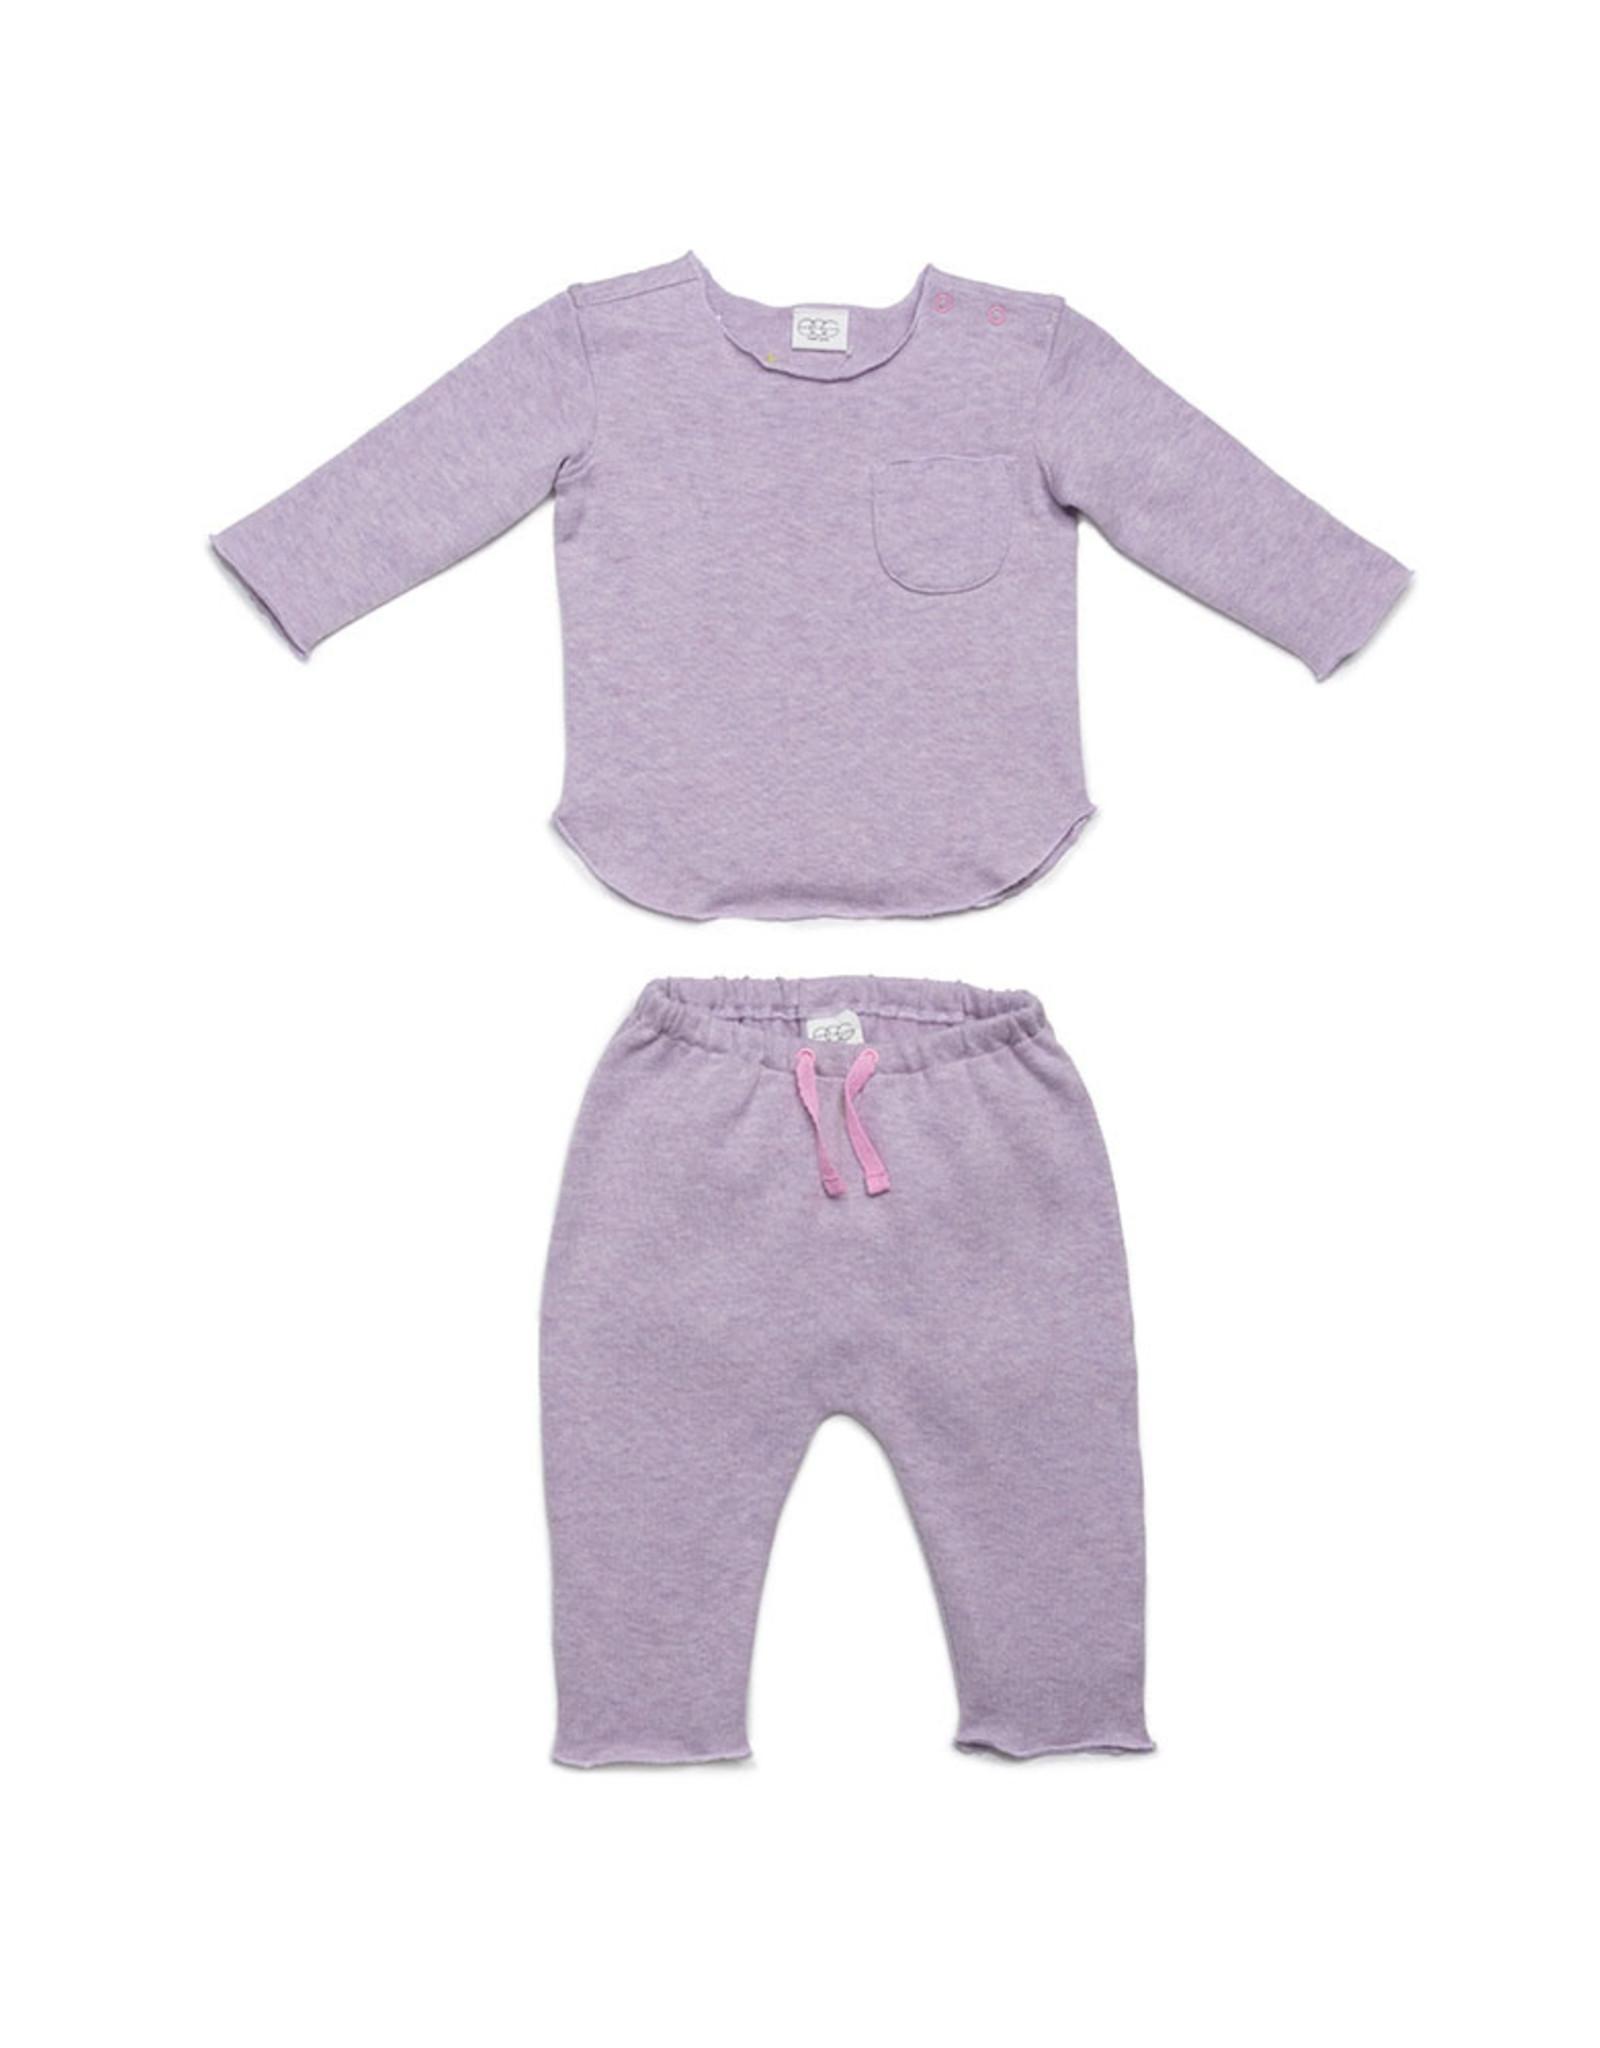 EGG New York Bobbi Set Lavender